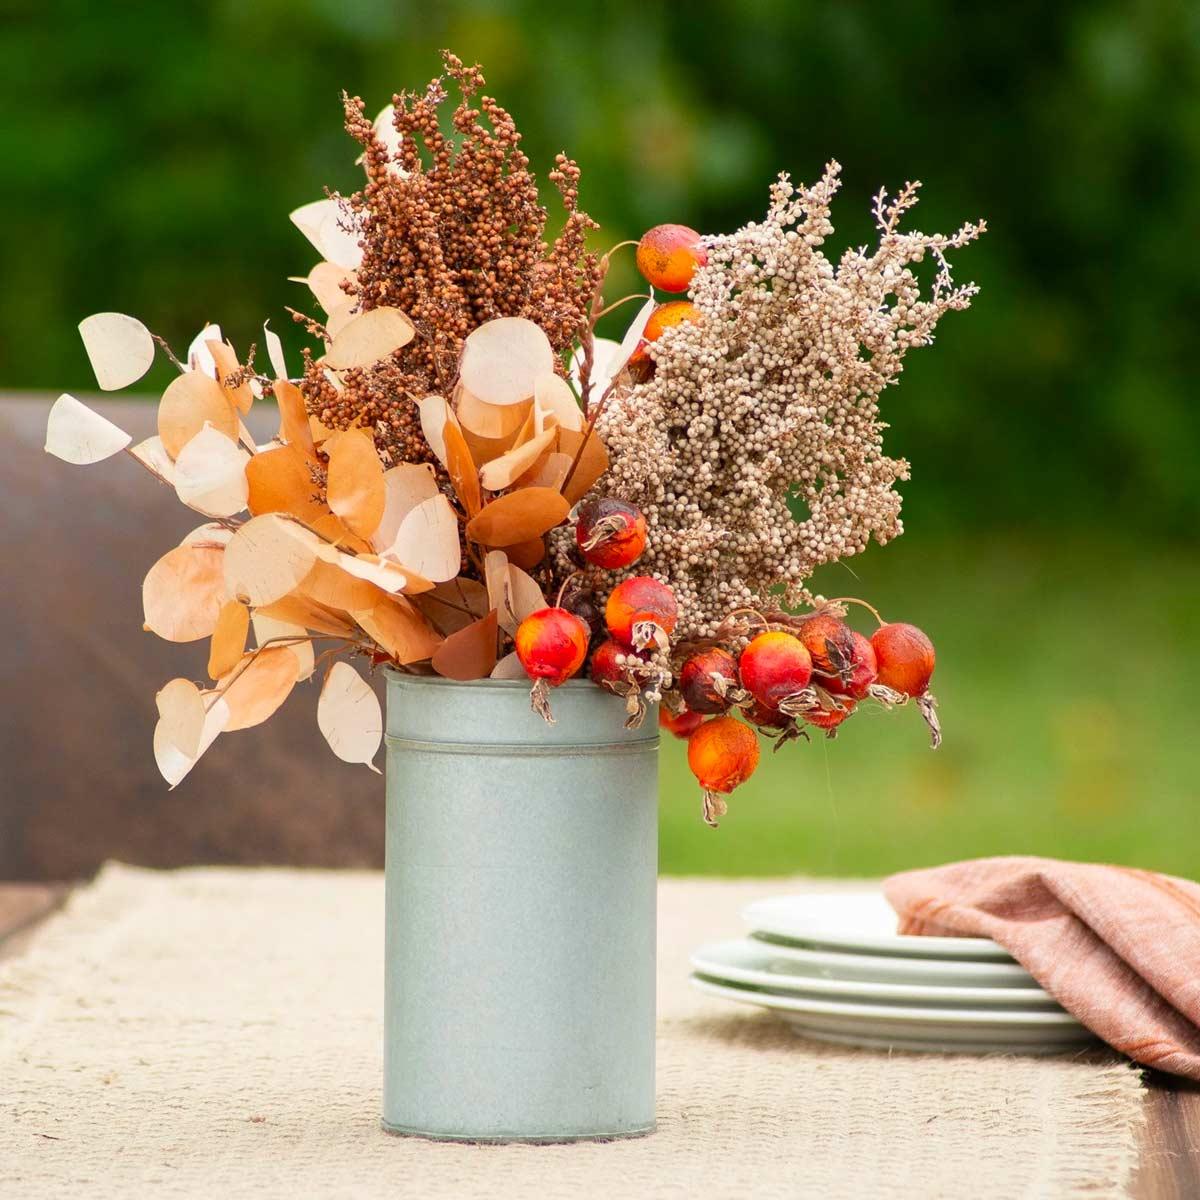 centrotavola portavaso per mazzo di fiori autunnali riciclo creativo